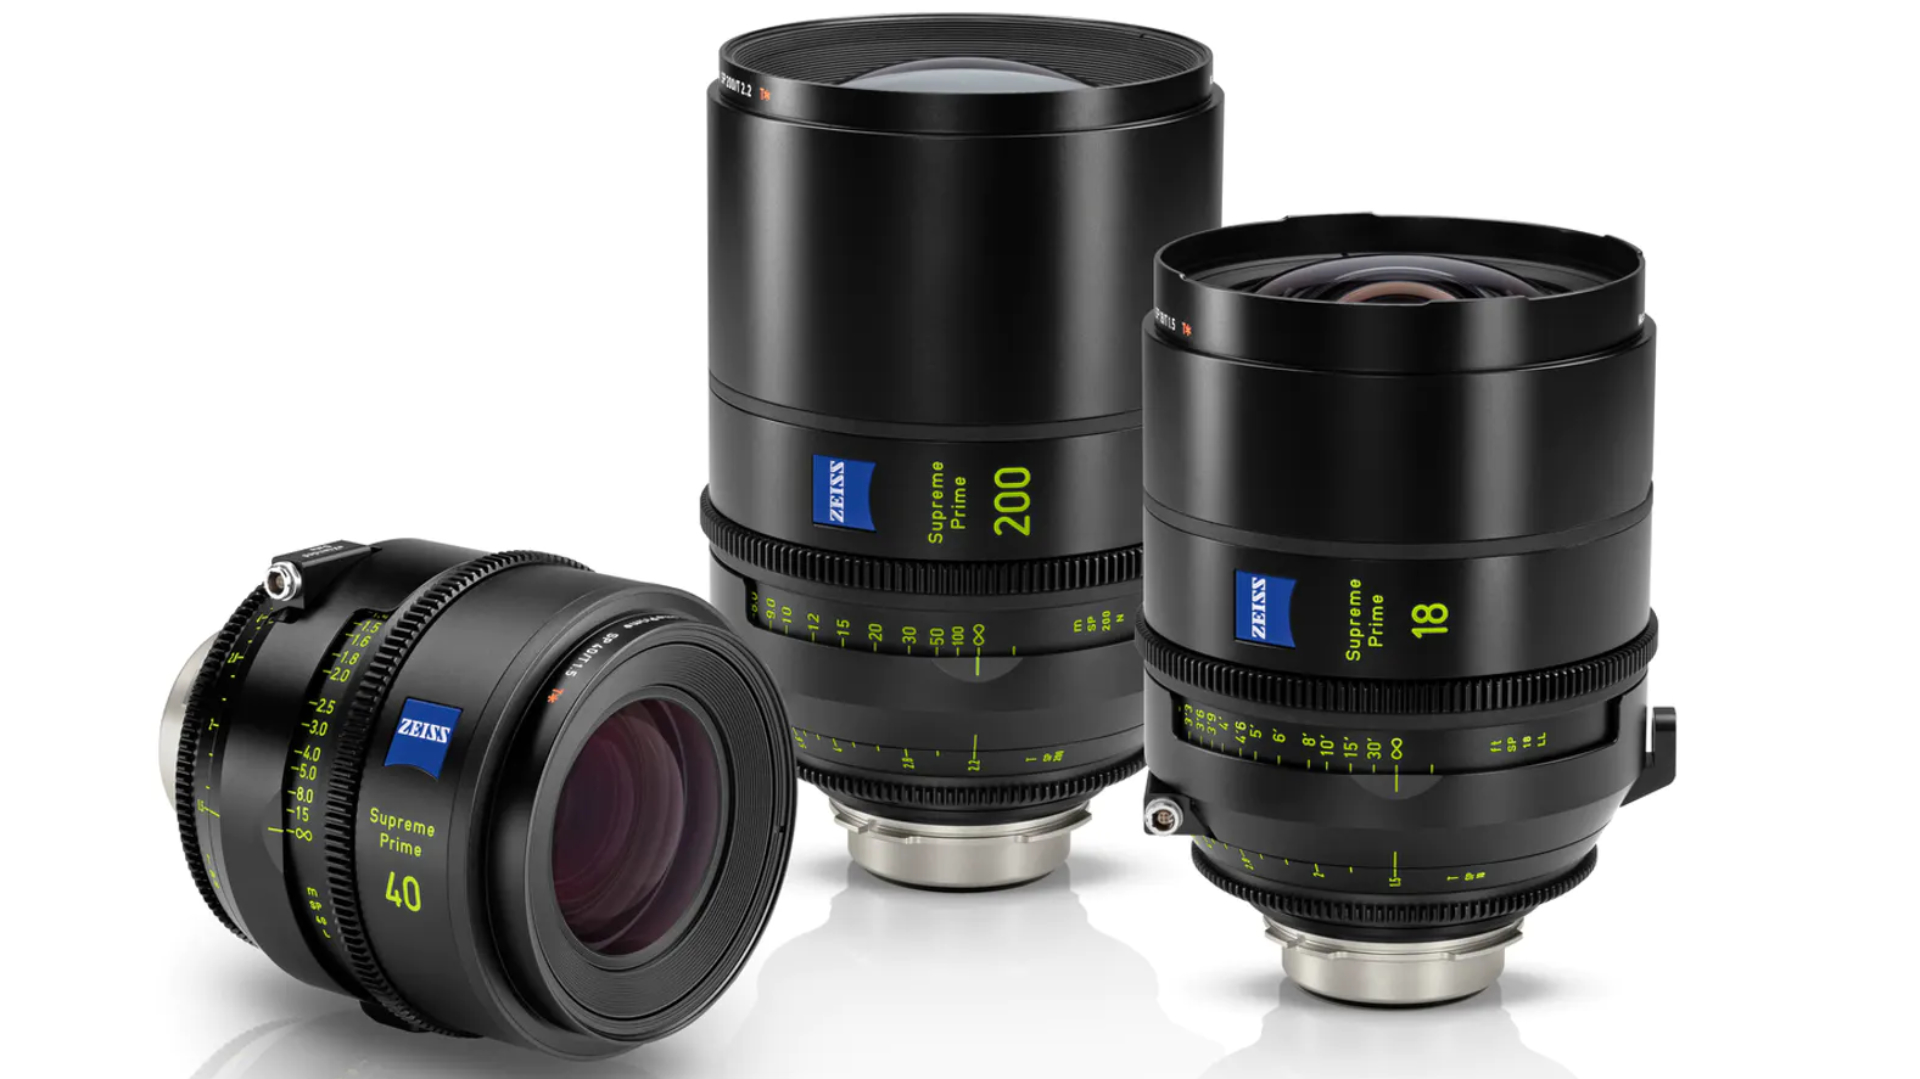 Lentes ZEISS Supreme Prime 18 mm T1.5, 40 mm T1.5 y 200 mm T2.2: la línea de alta gama continúa expandiéndose